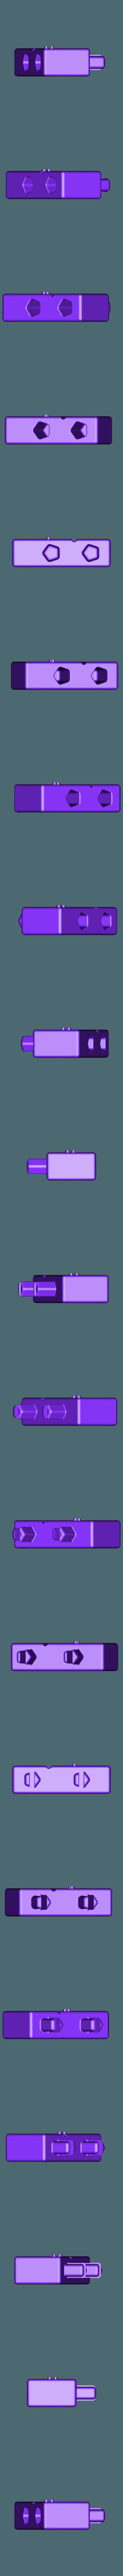 C.stl Download free STL file Rocket Fittle Puzzle • 3D printer design, Fittle